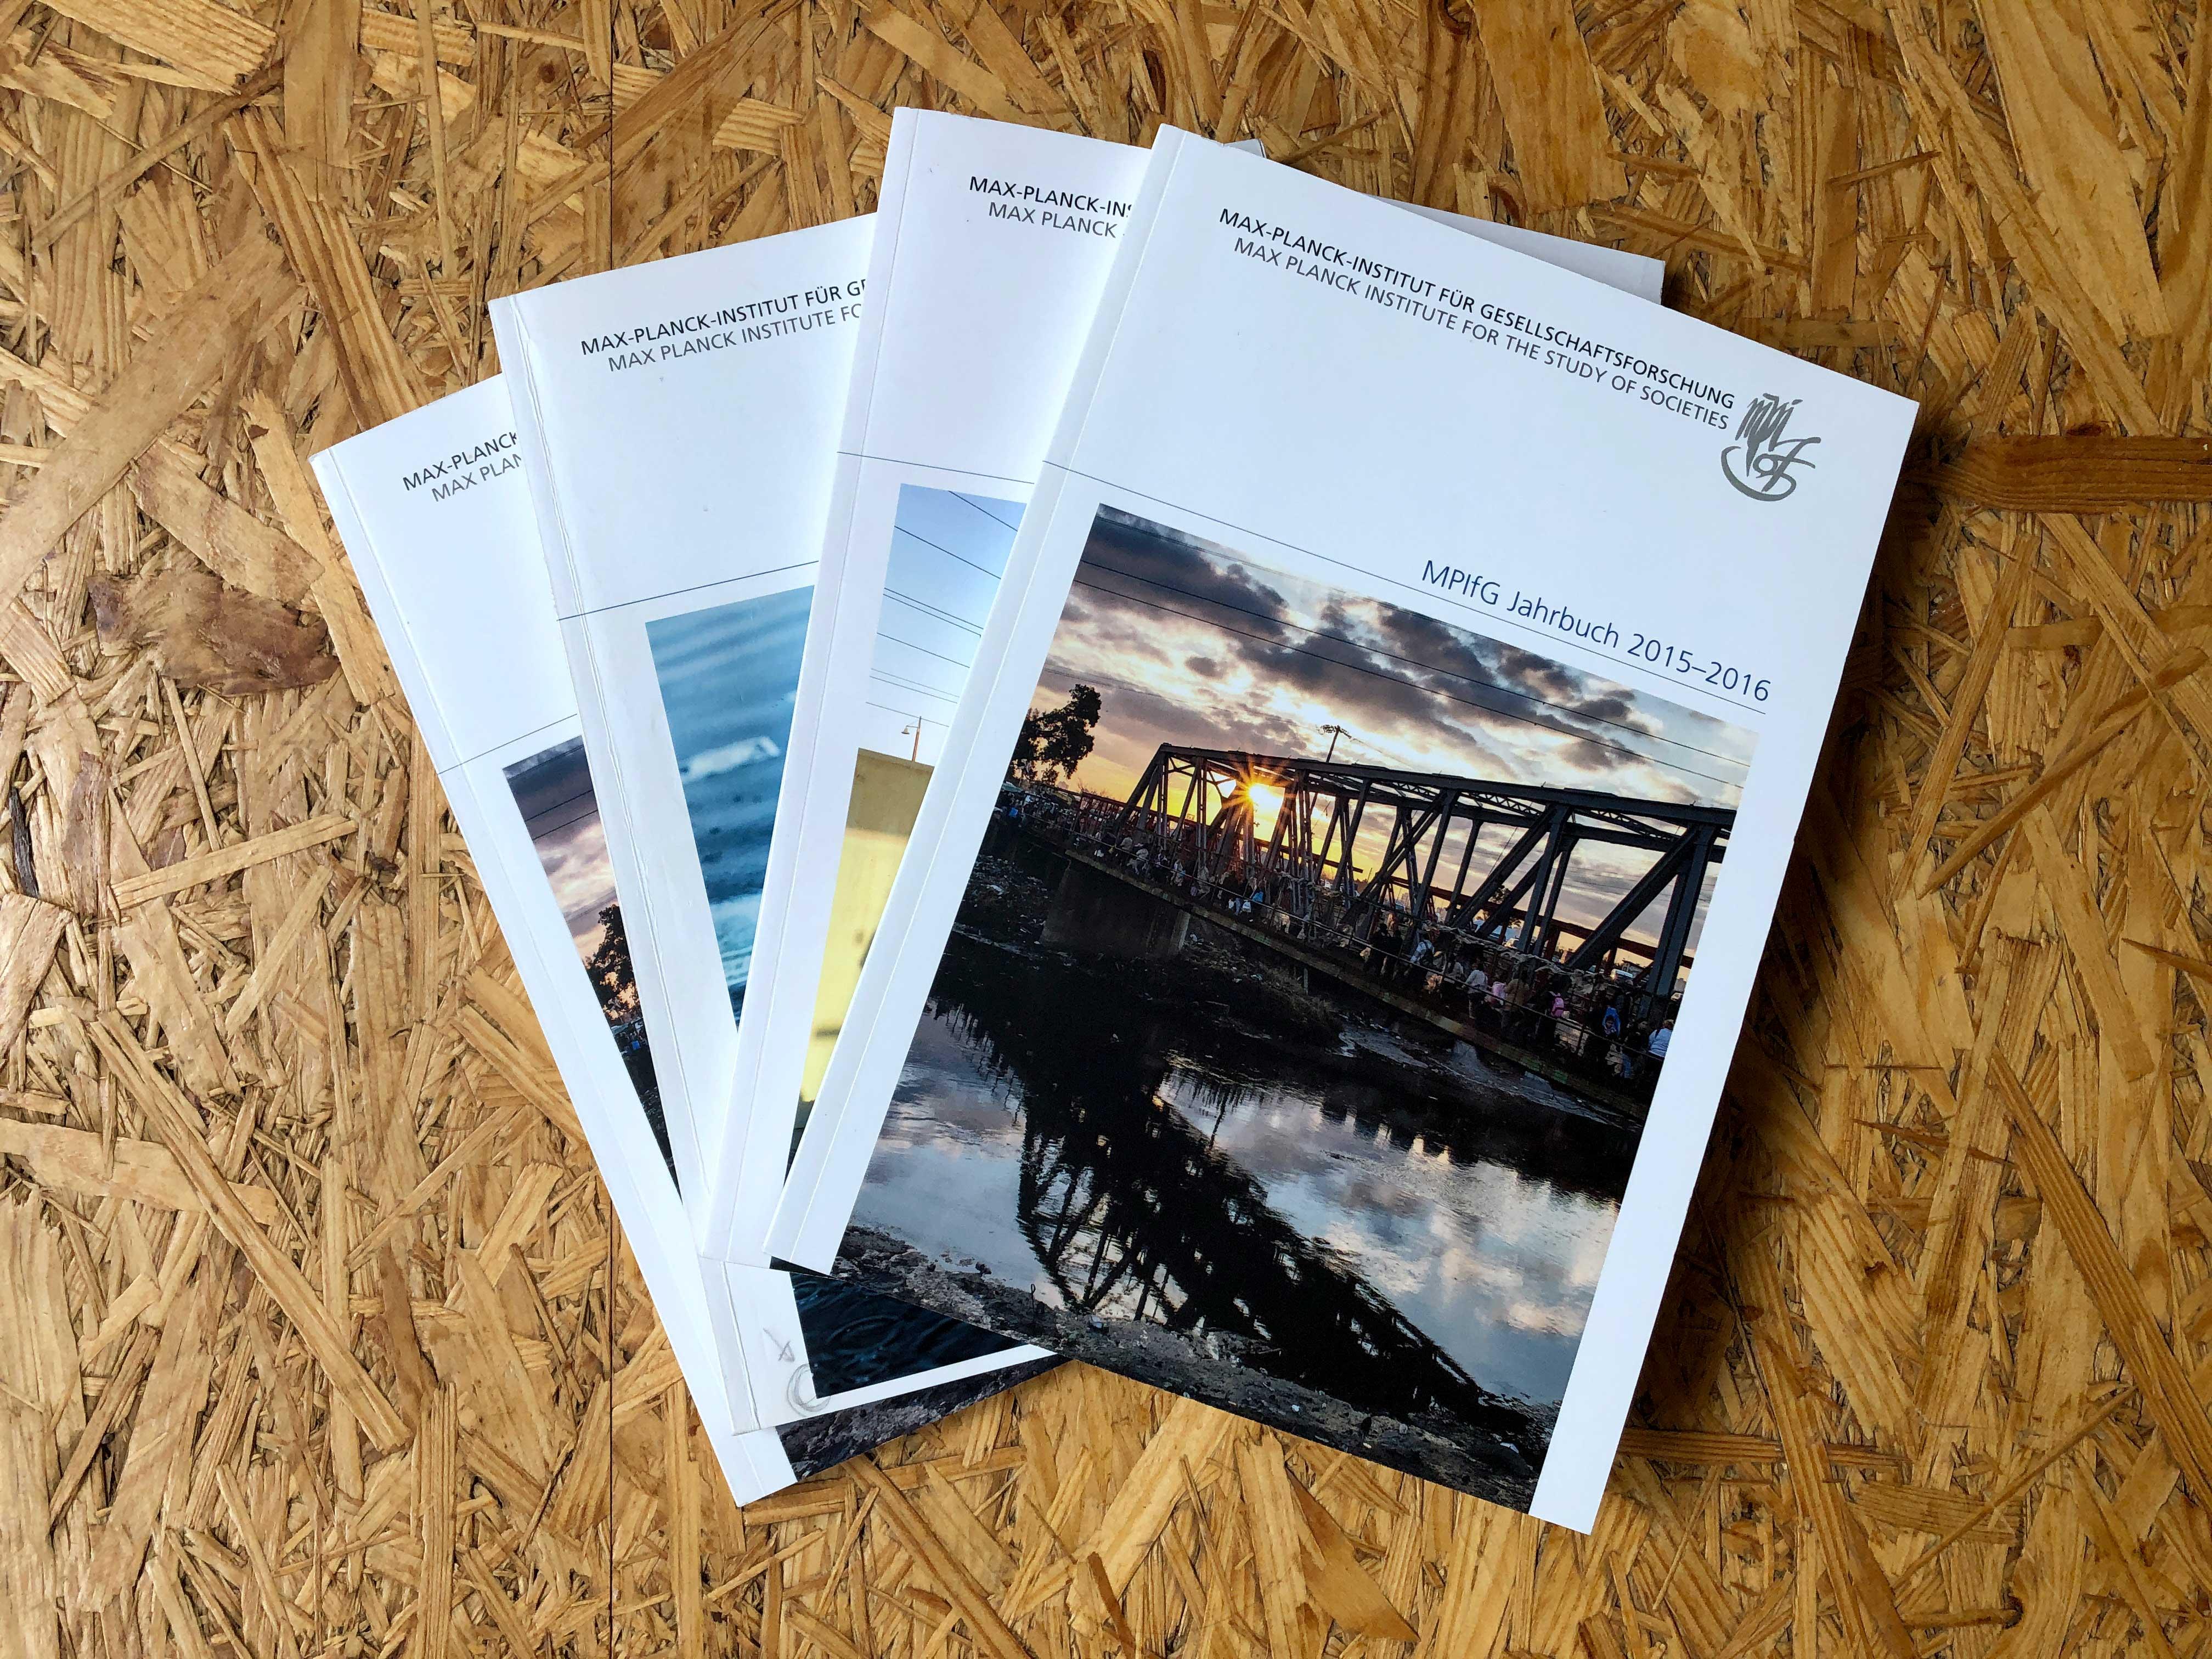 Max-Planck-Institut für Gesellschaftsforschung - Jahrbuch